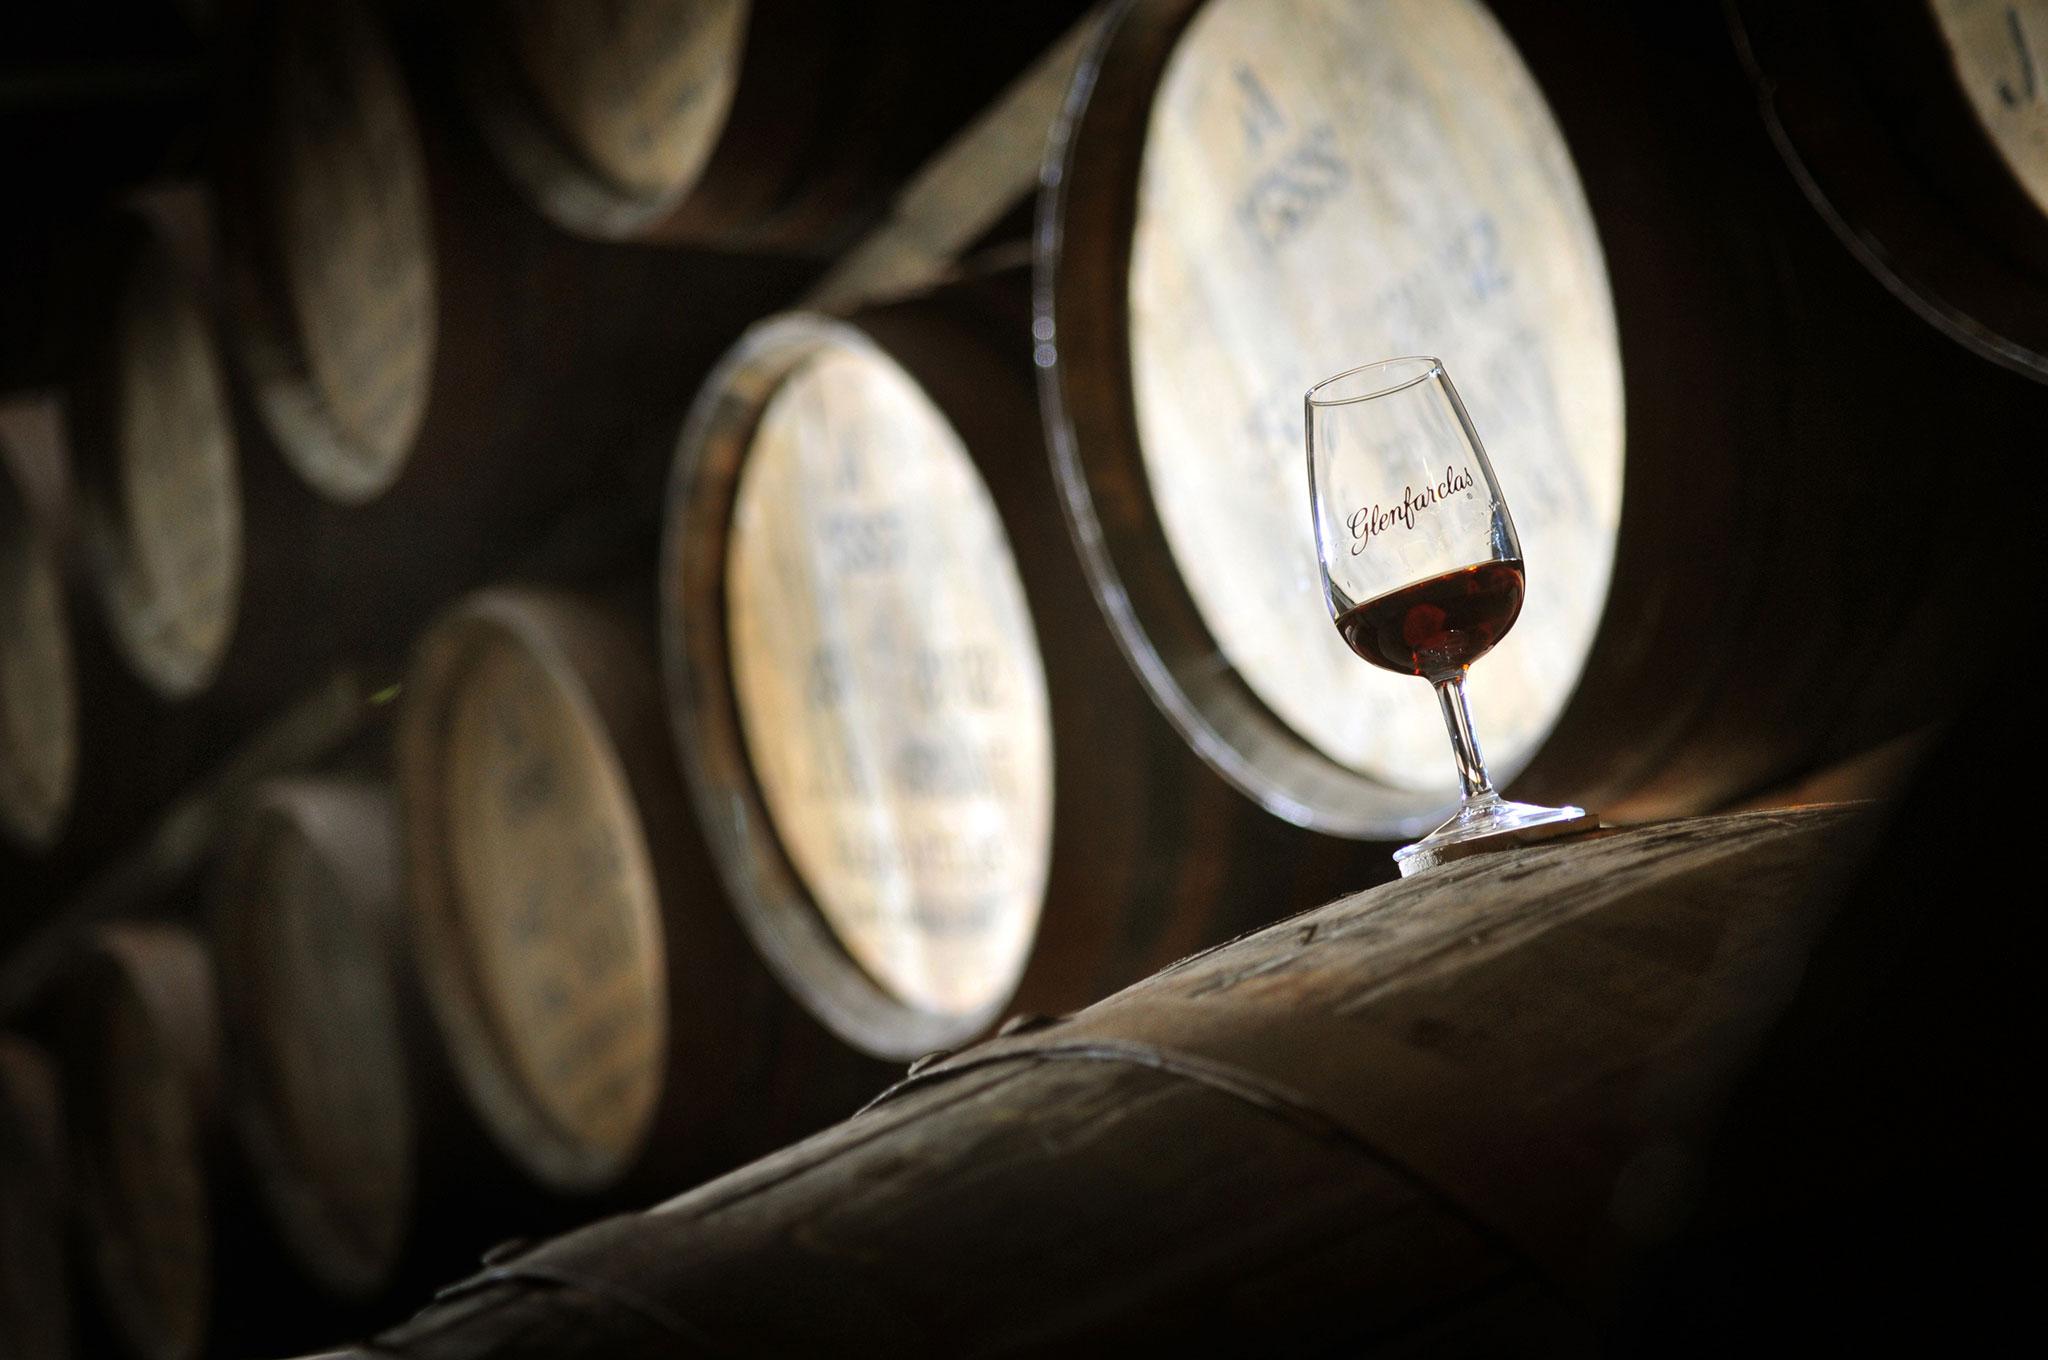 Sherry i jej wpływ na whisky ! Część 1